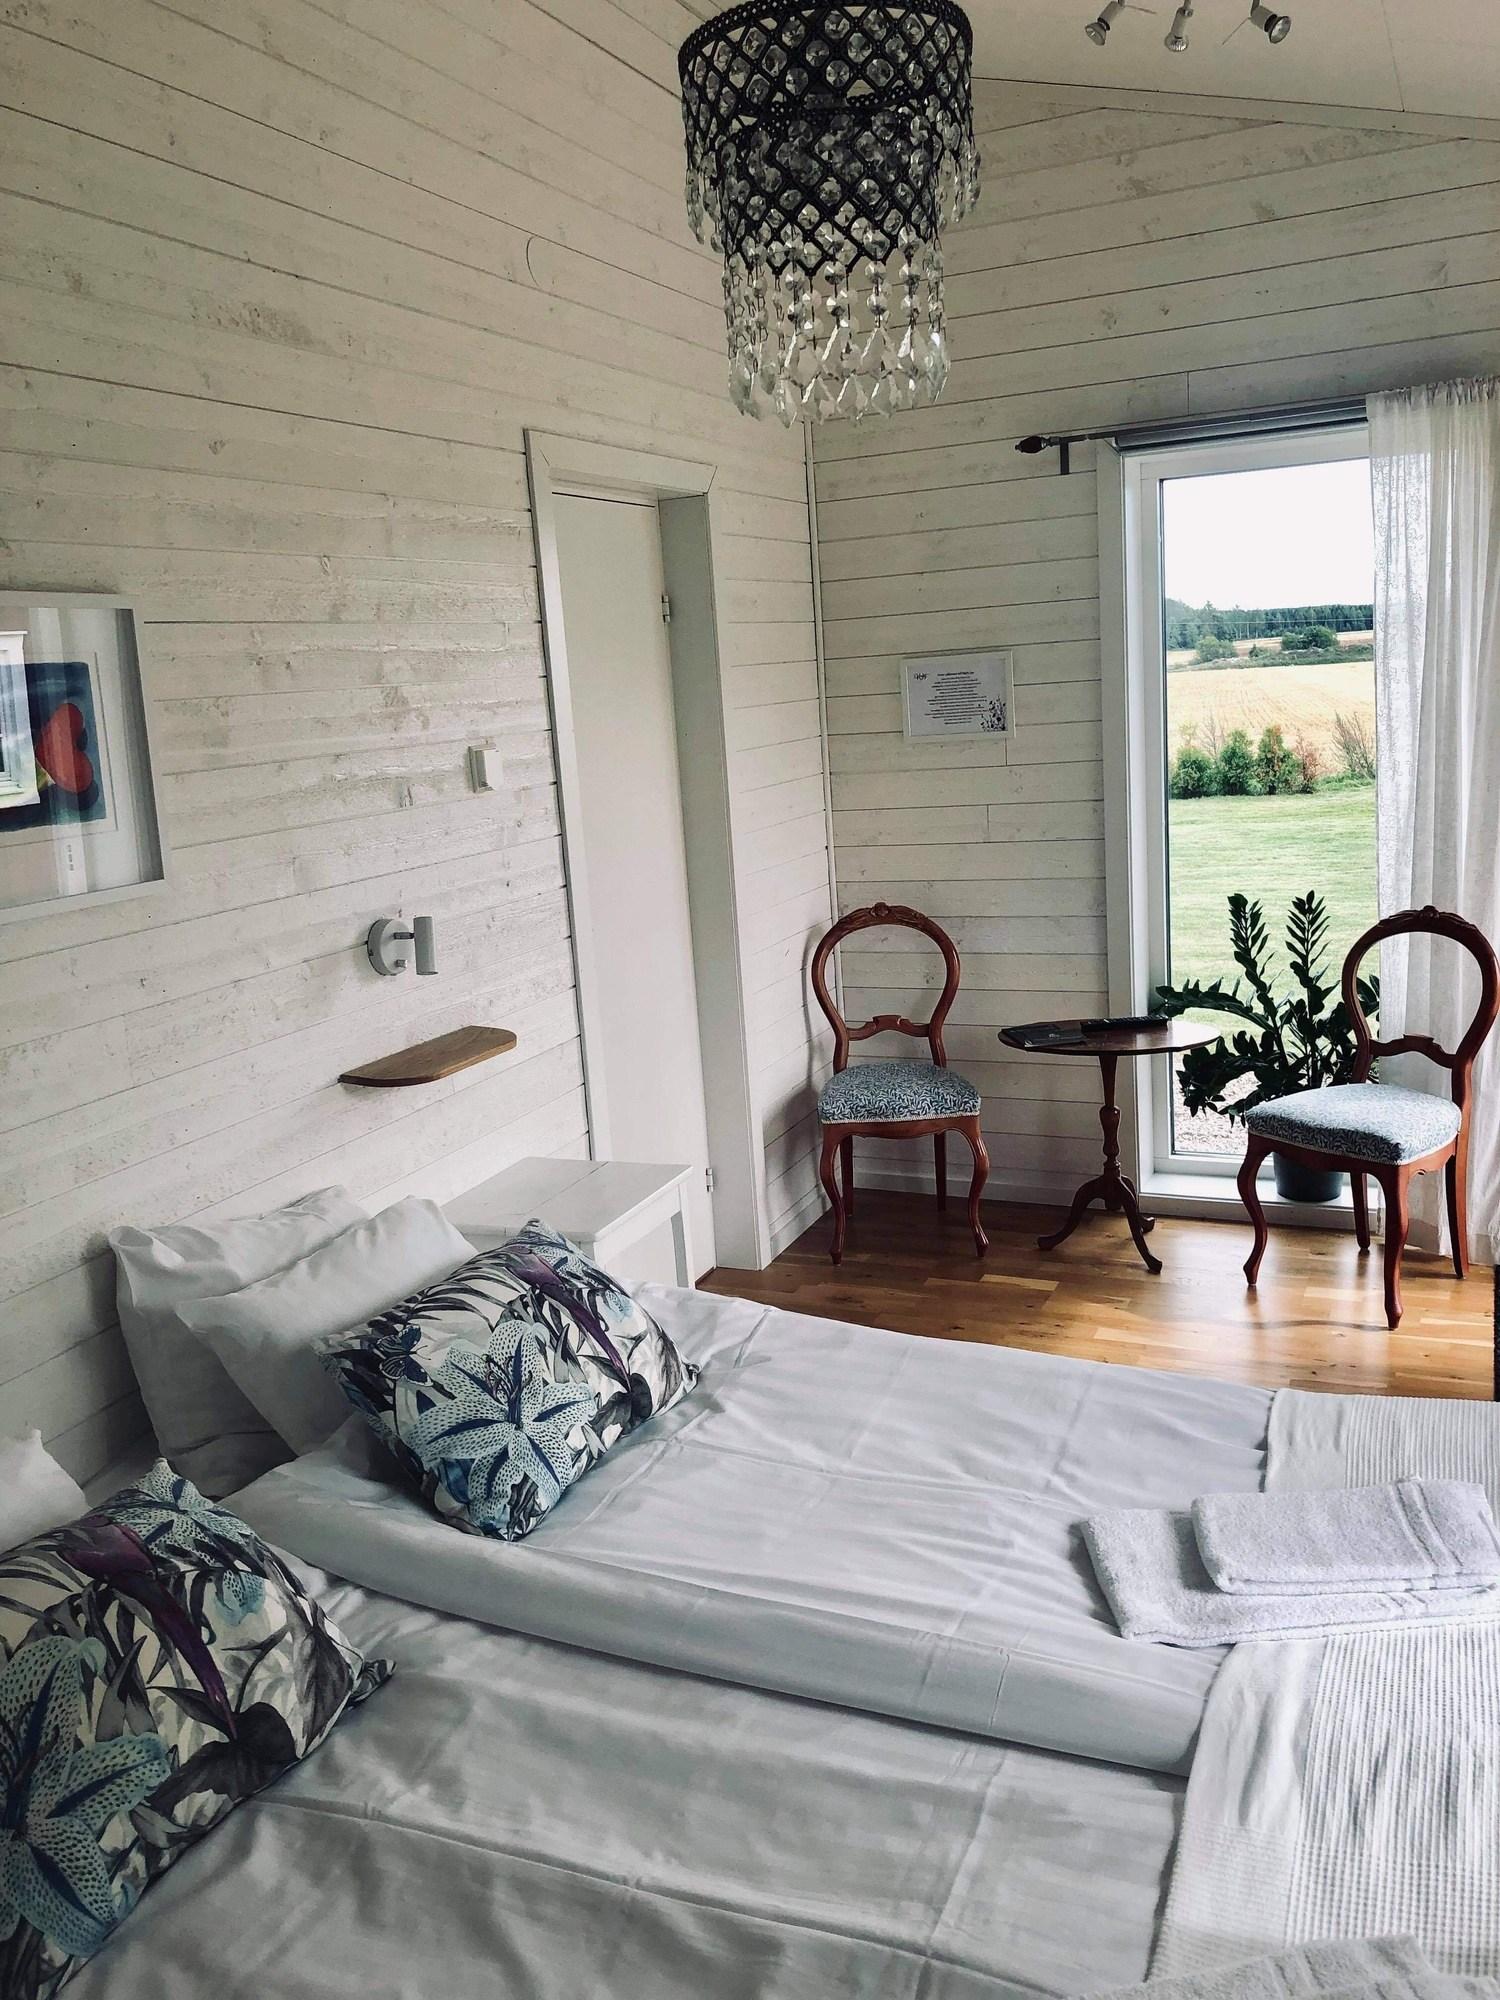 Ljust rum med vit väggpanel. I bilden syns sängar och en stol.